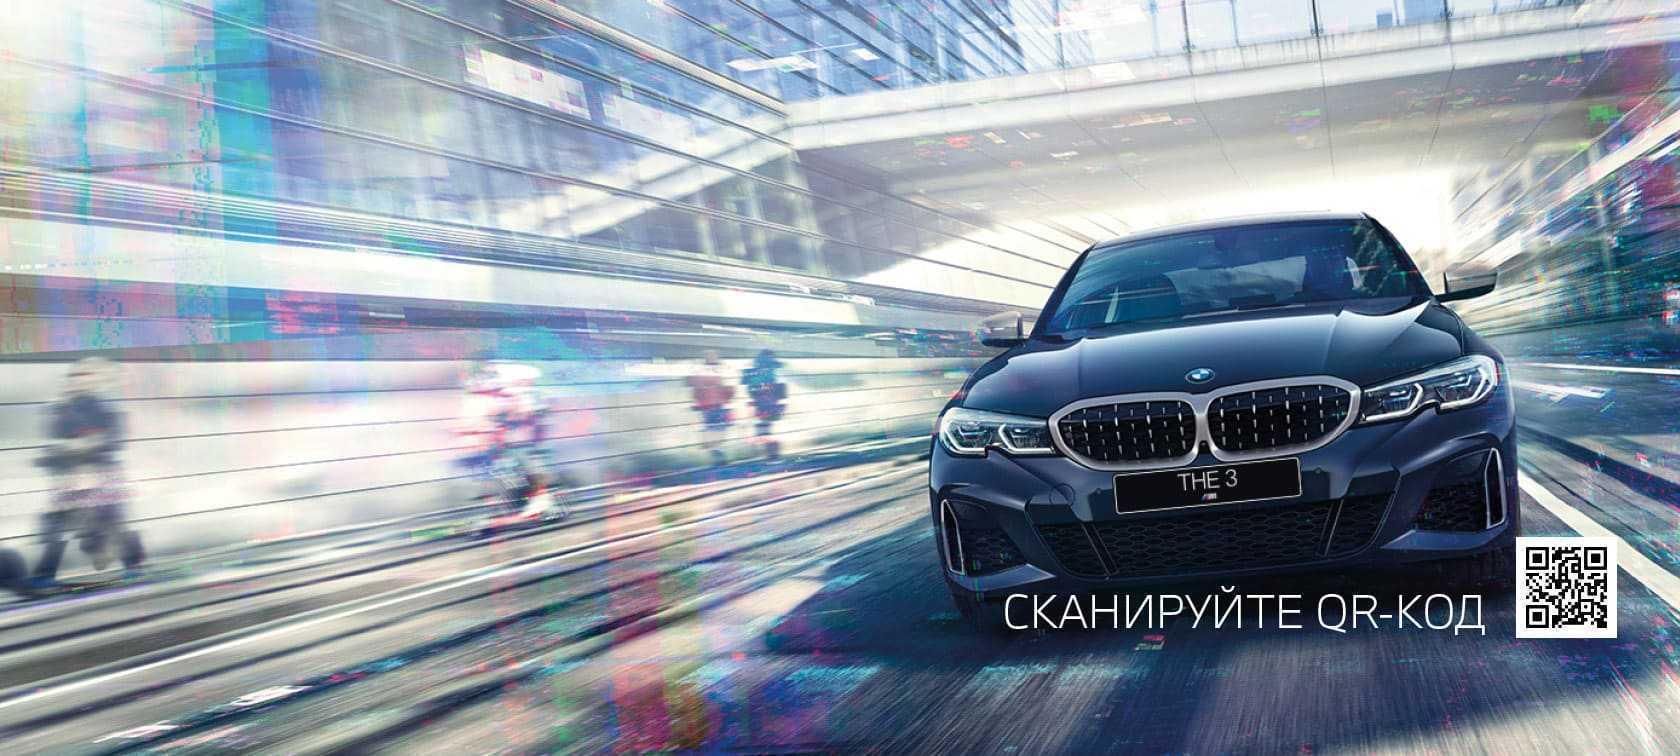 🚗 Купить БМВ - модельный ряд и цены, купить BMW в наличии в Москве, каталог БМВ у официального дилера